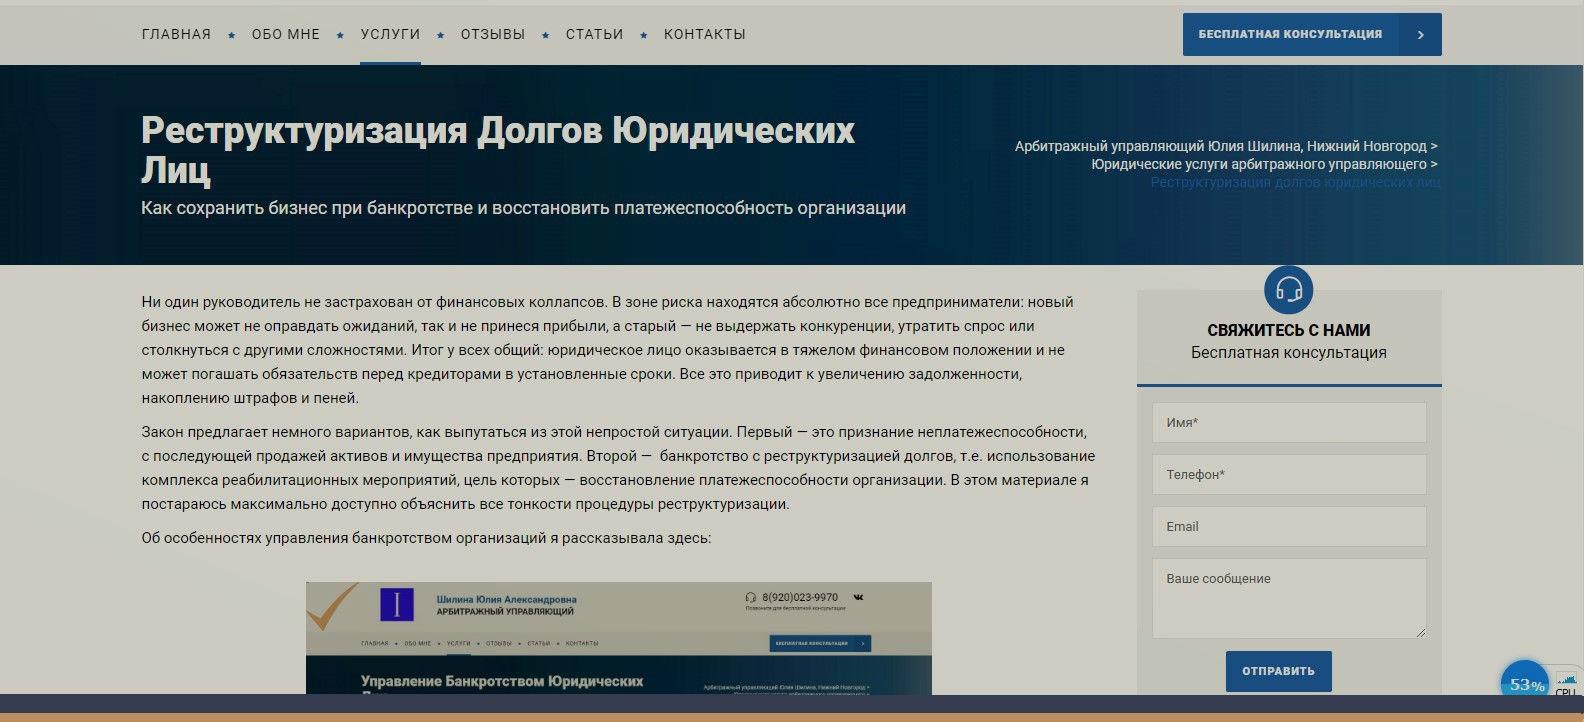 Изображение к описанию услуги по реструктуризации долгов юридических лиц, сайт арбитражного управляющего Юлии Шилиной